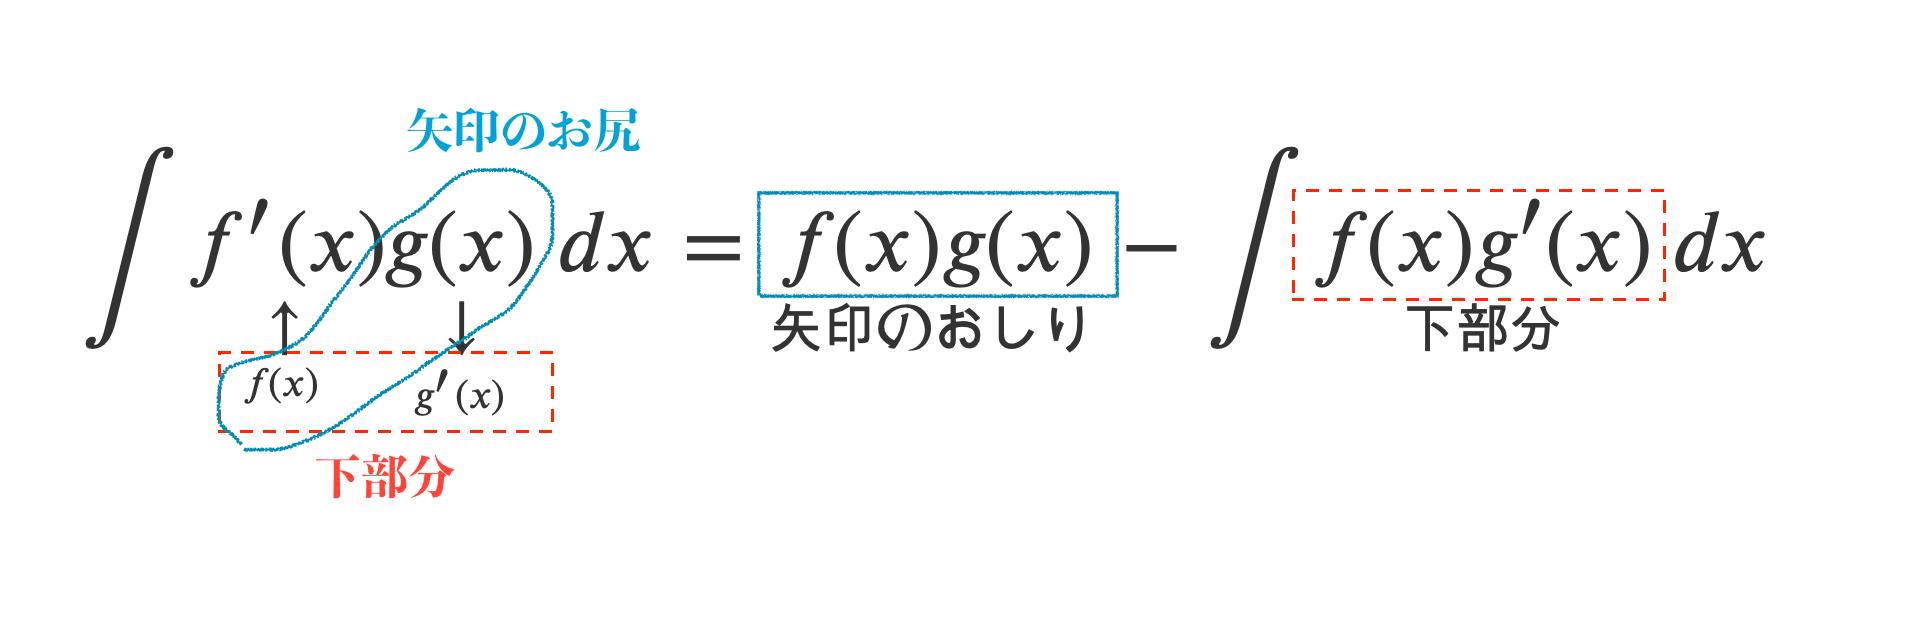 部分積分法のコツ